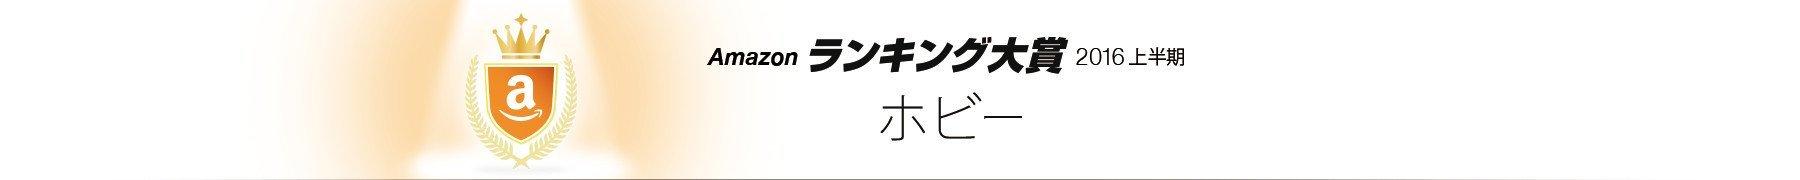 2016ホビー上半期ランキング大賞